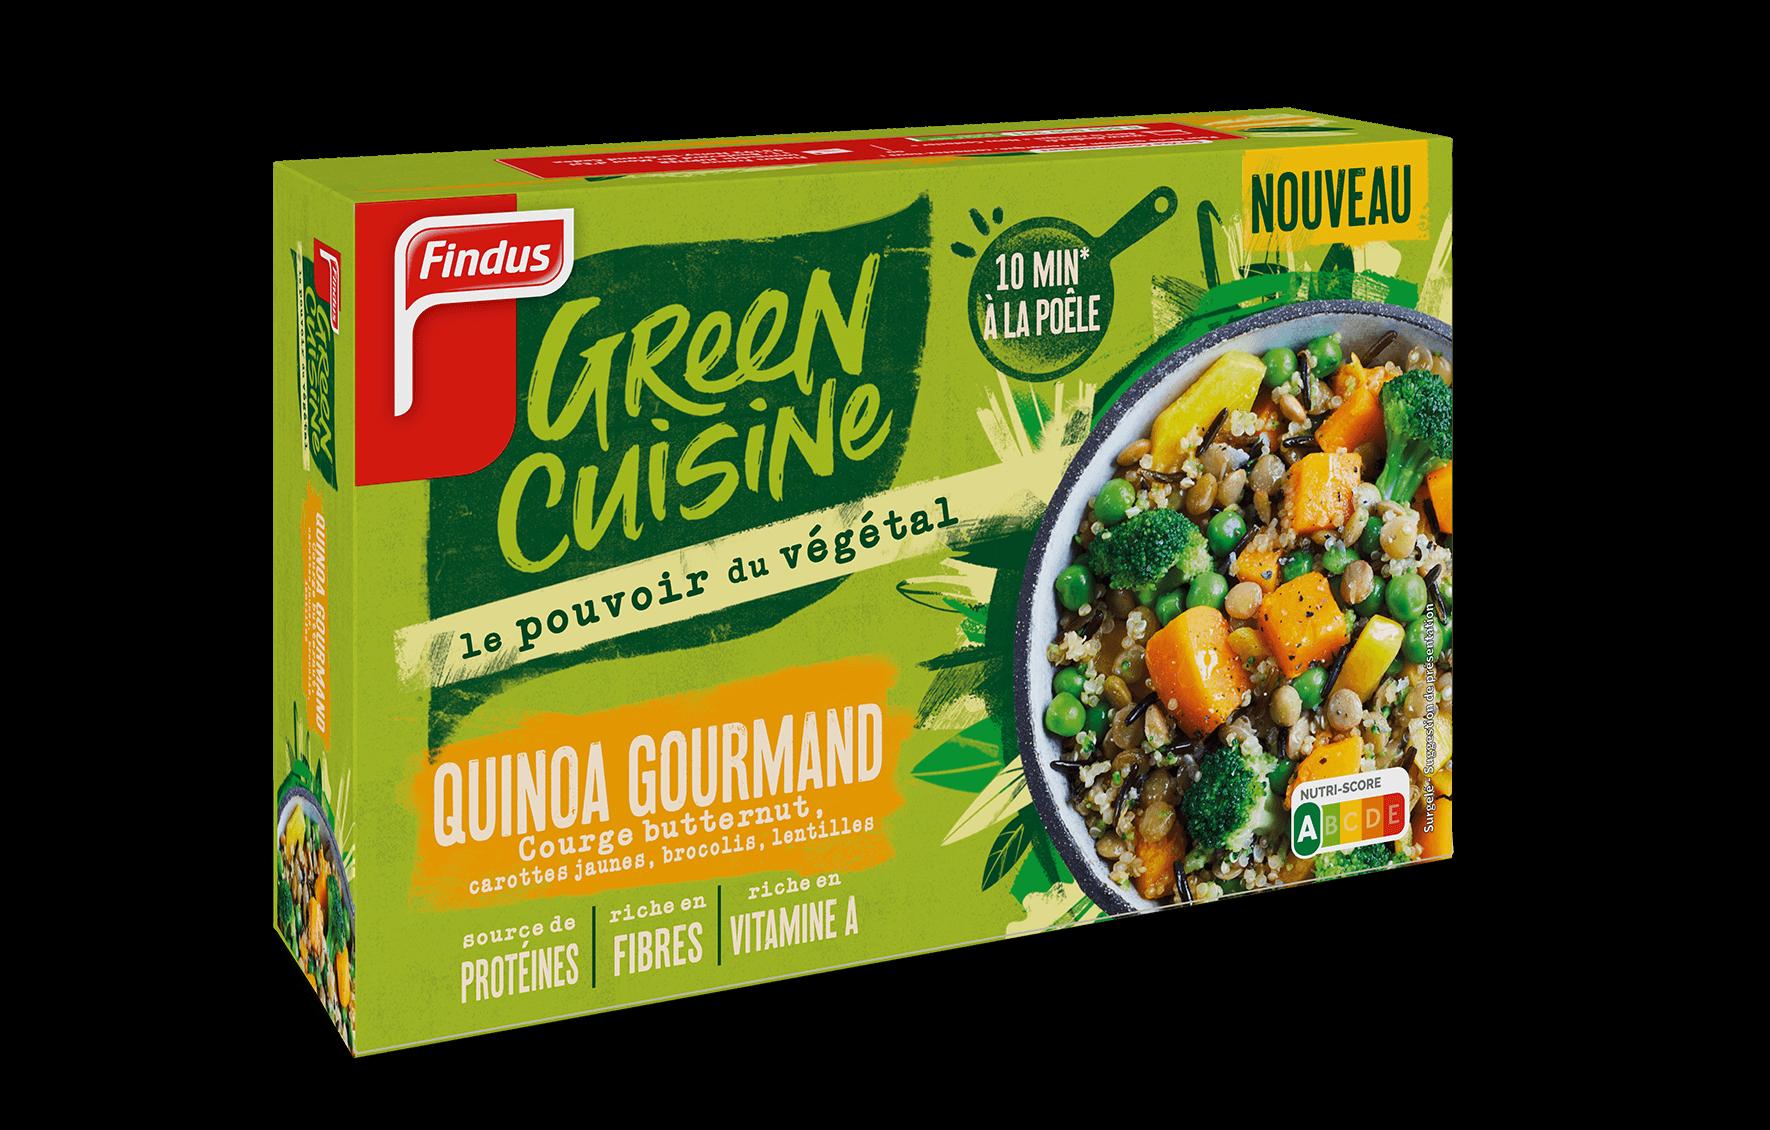 Paquet de quinoa gourmand Green Cuisine Findus